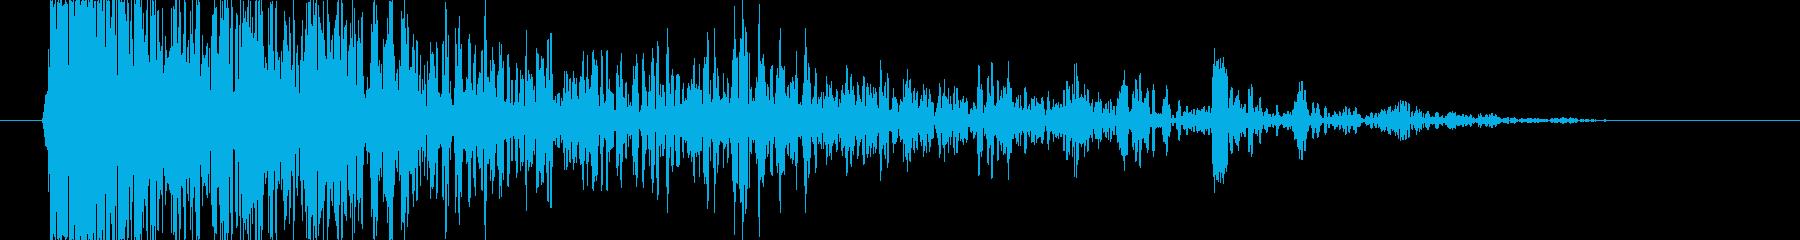 ブレーク ウッドラージ01の再生済みの波形